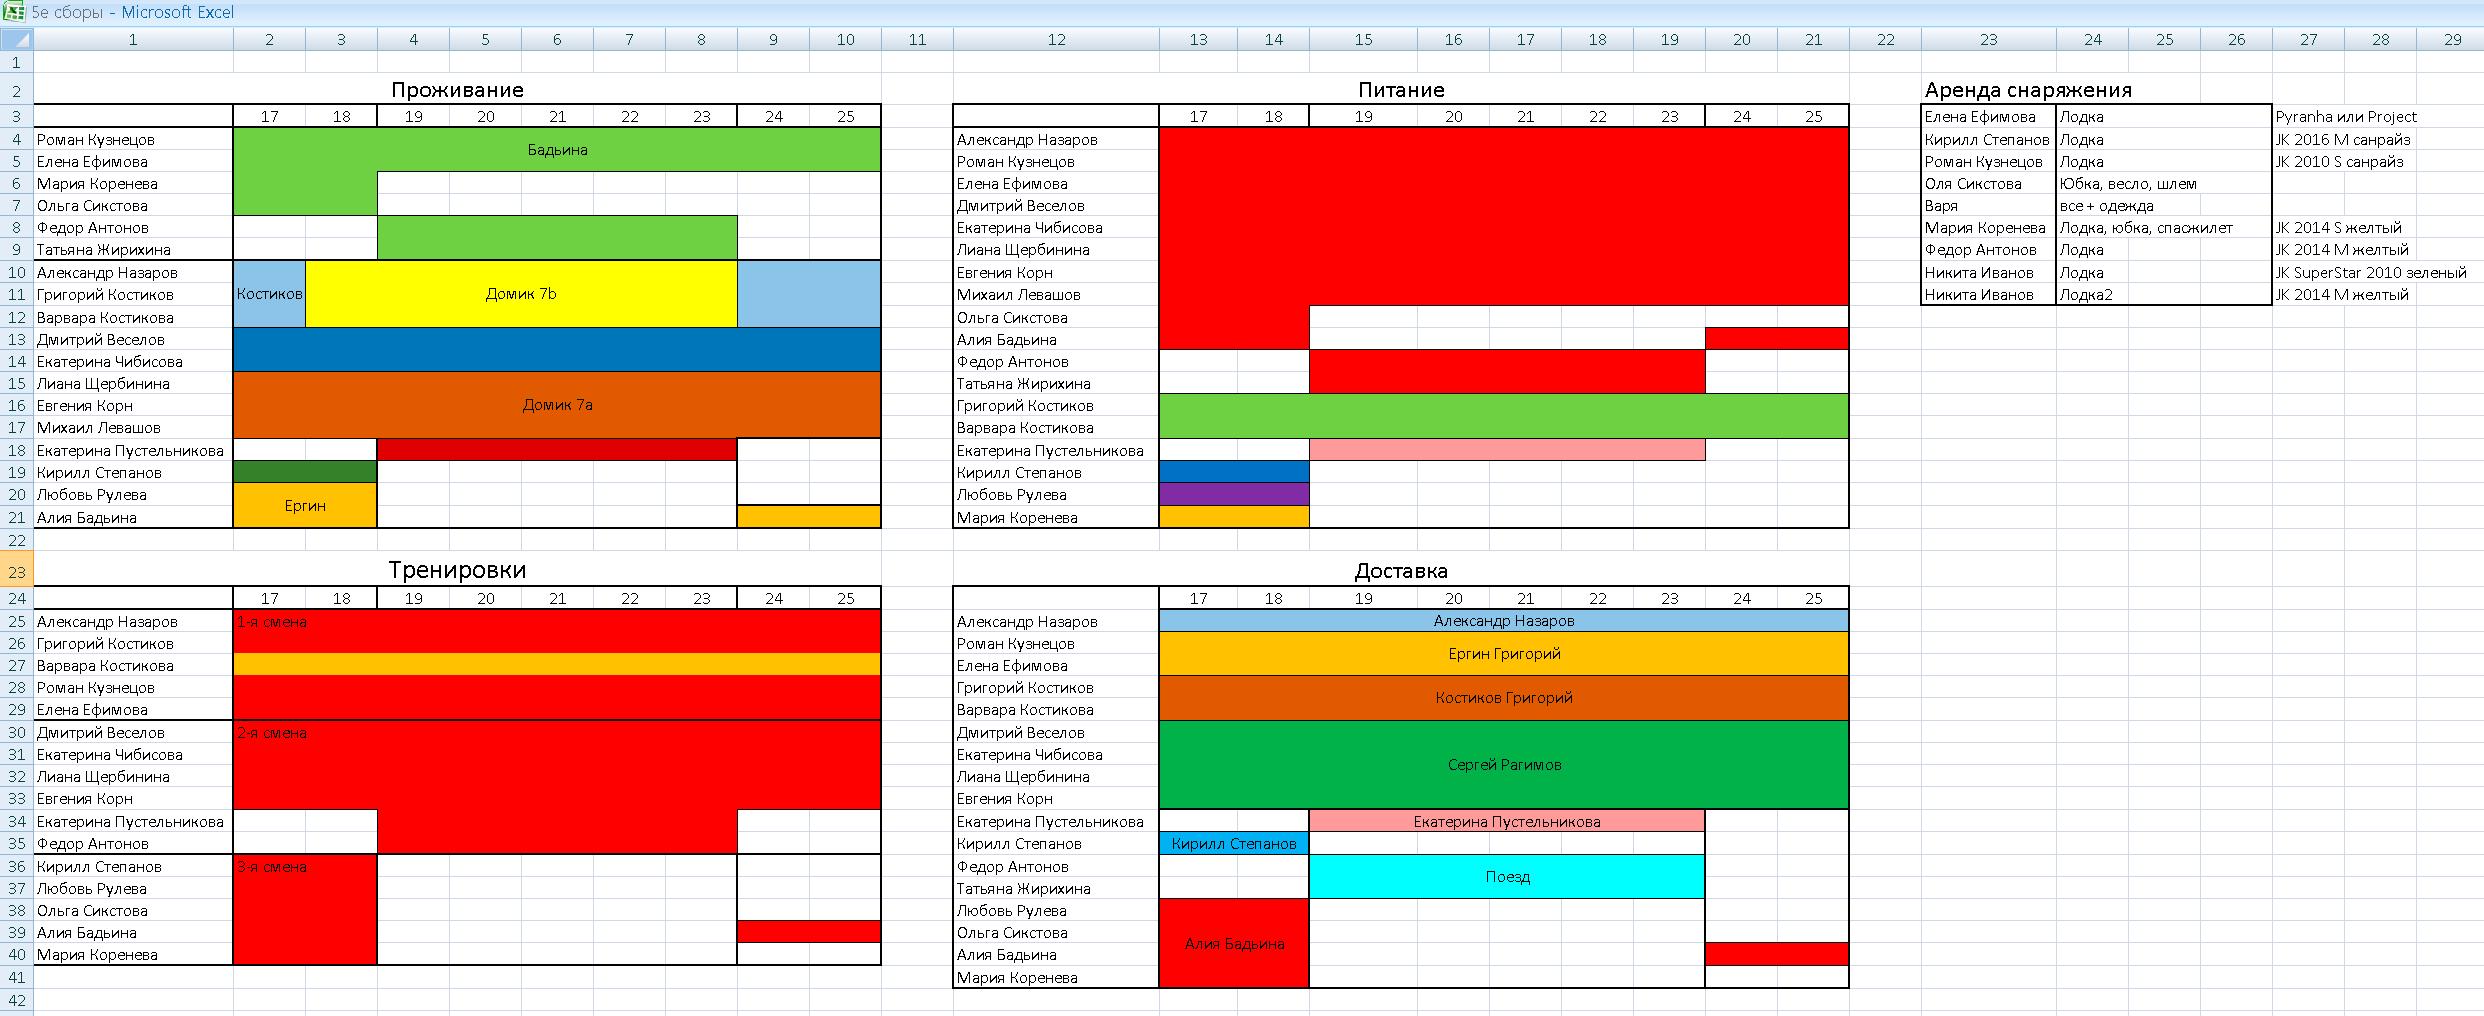 Таблица для распределения участников спортивных сборов по фристайл-каякингу по тренировкам питанию и проживанию